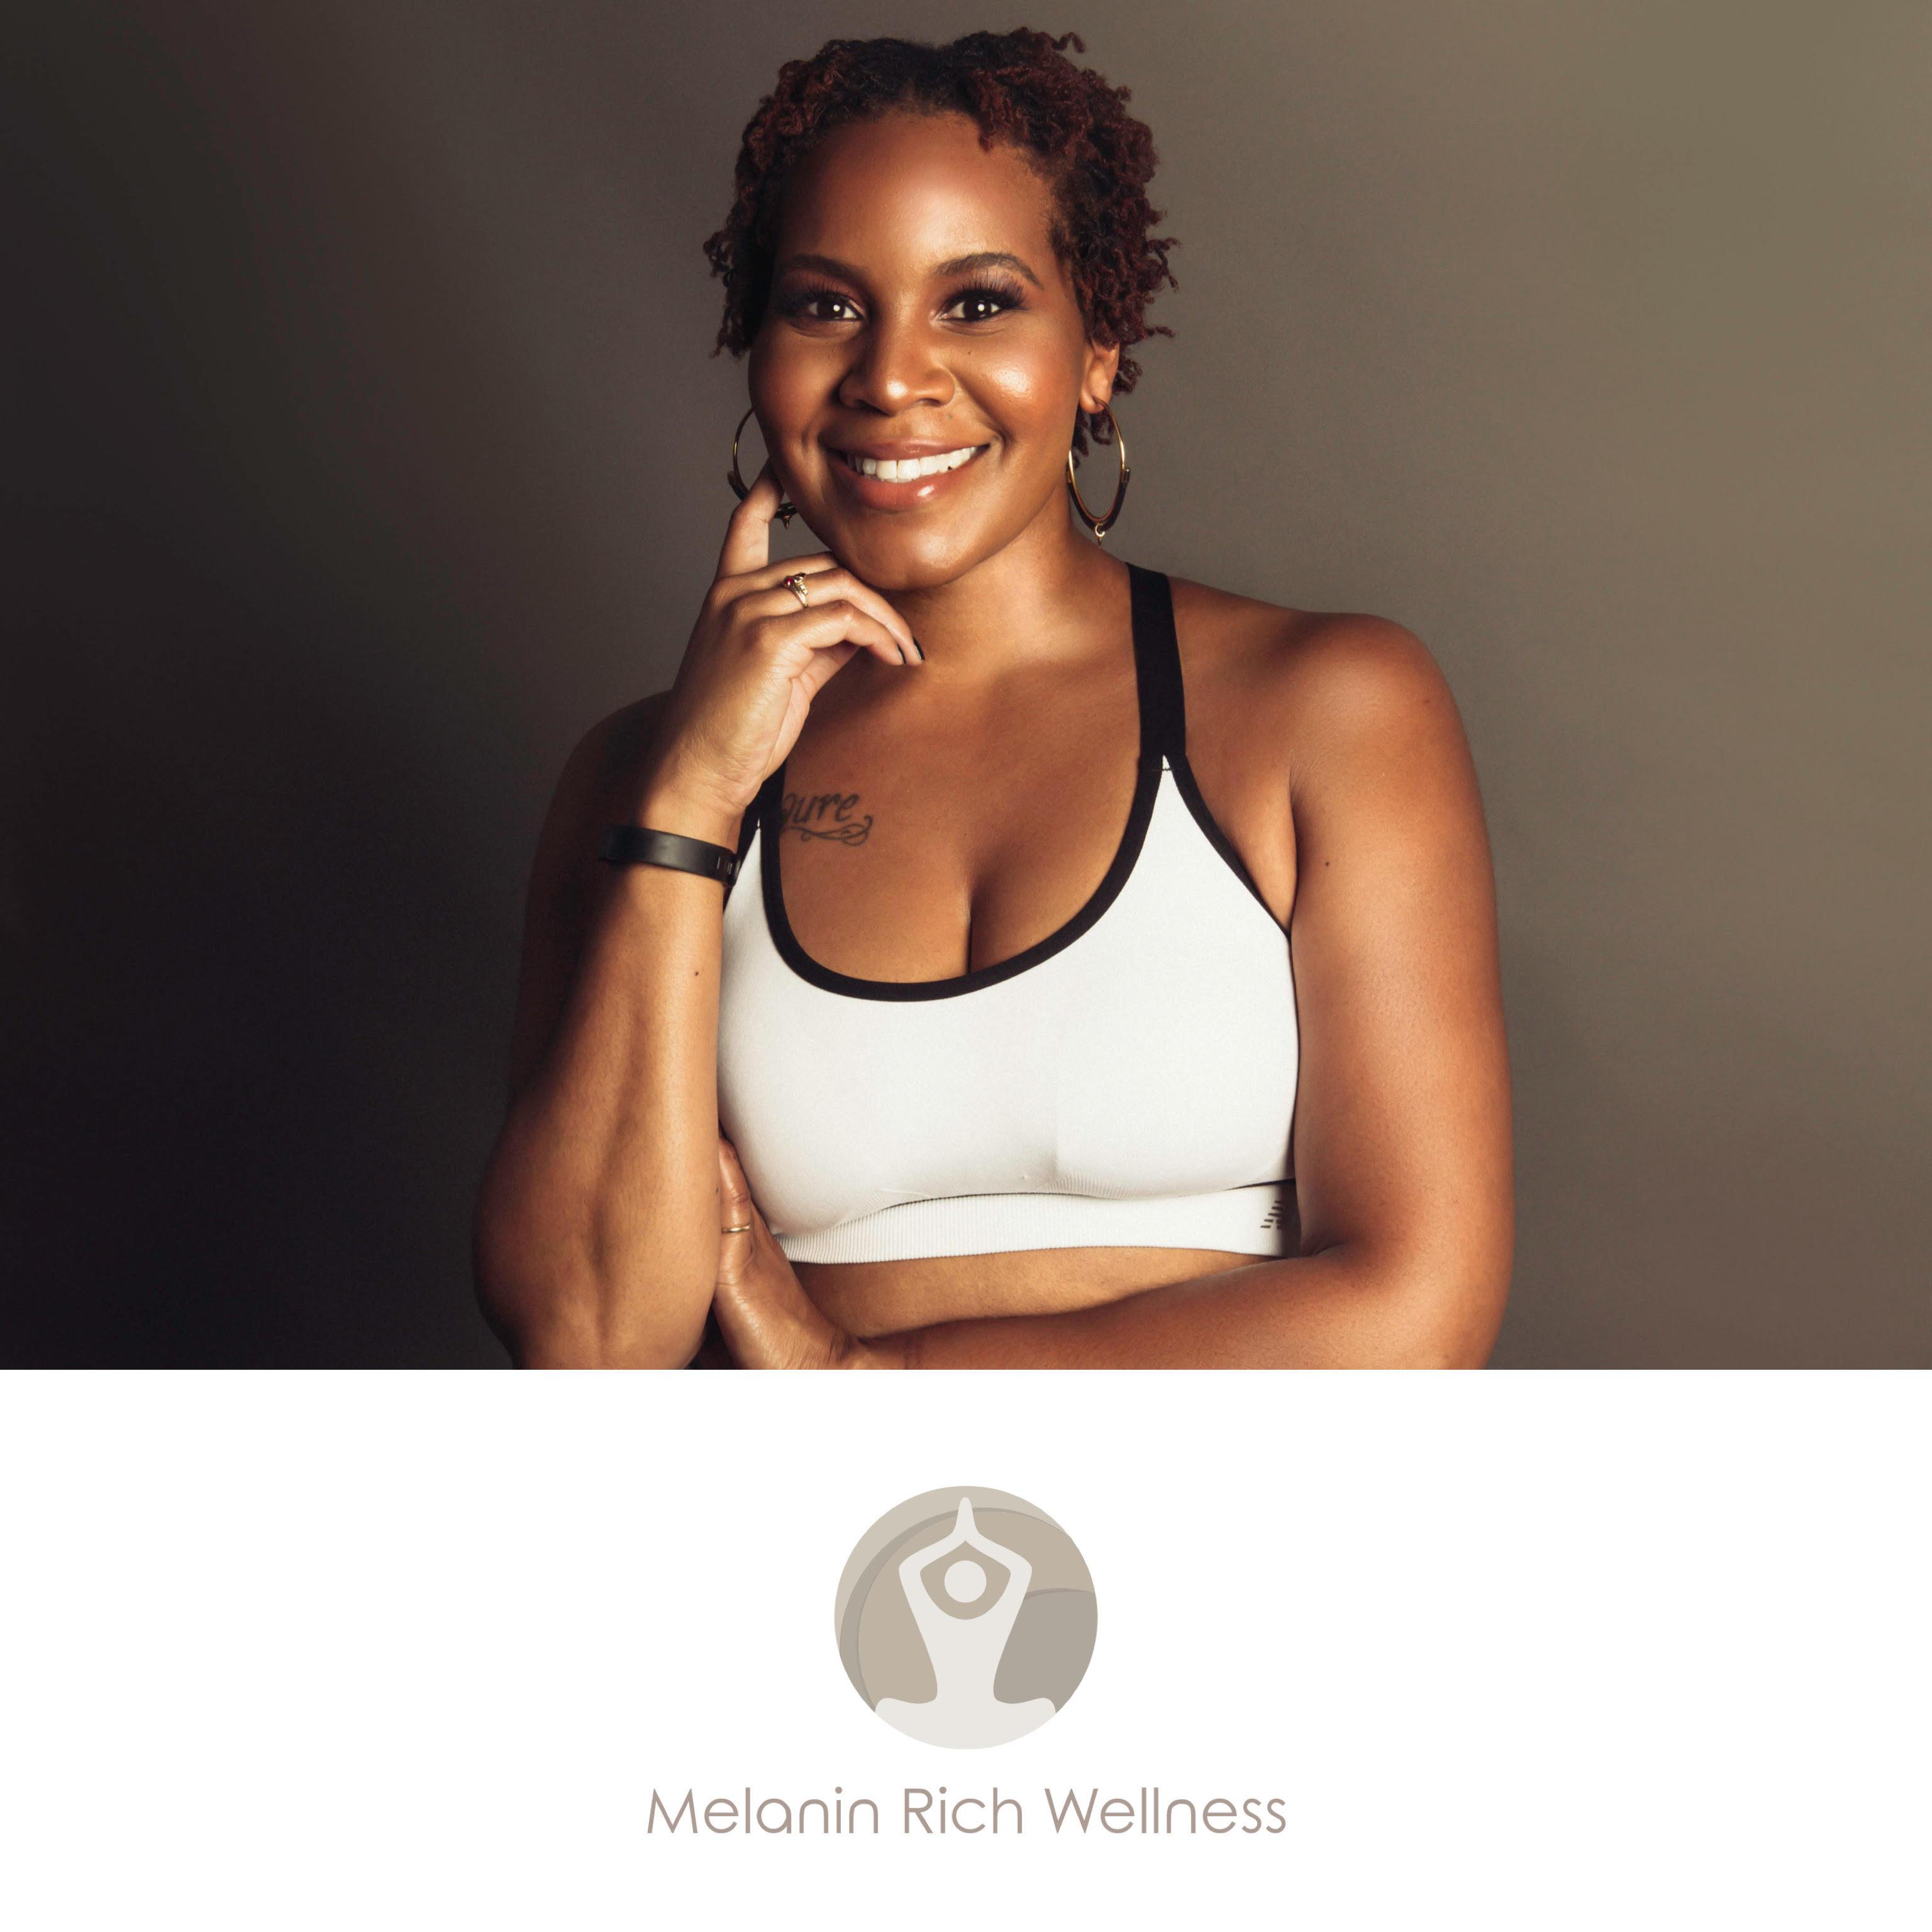 Melanin Rich Wellness